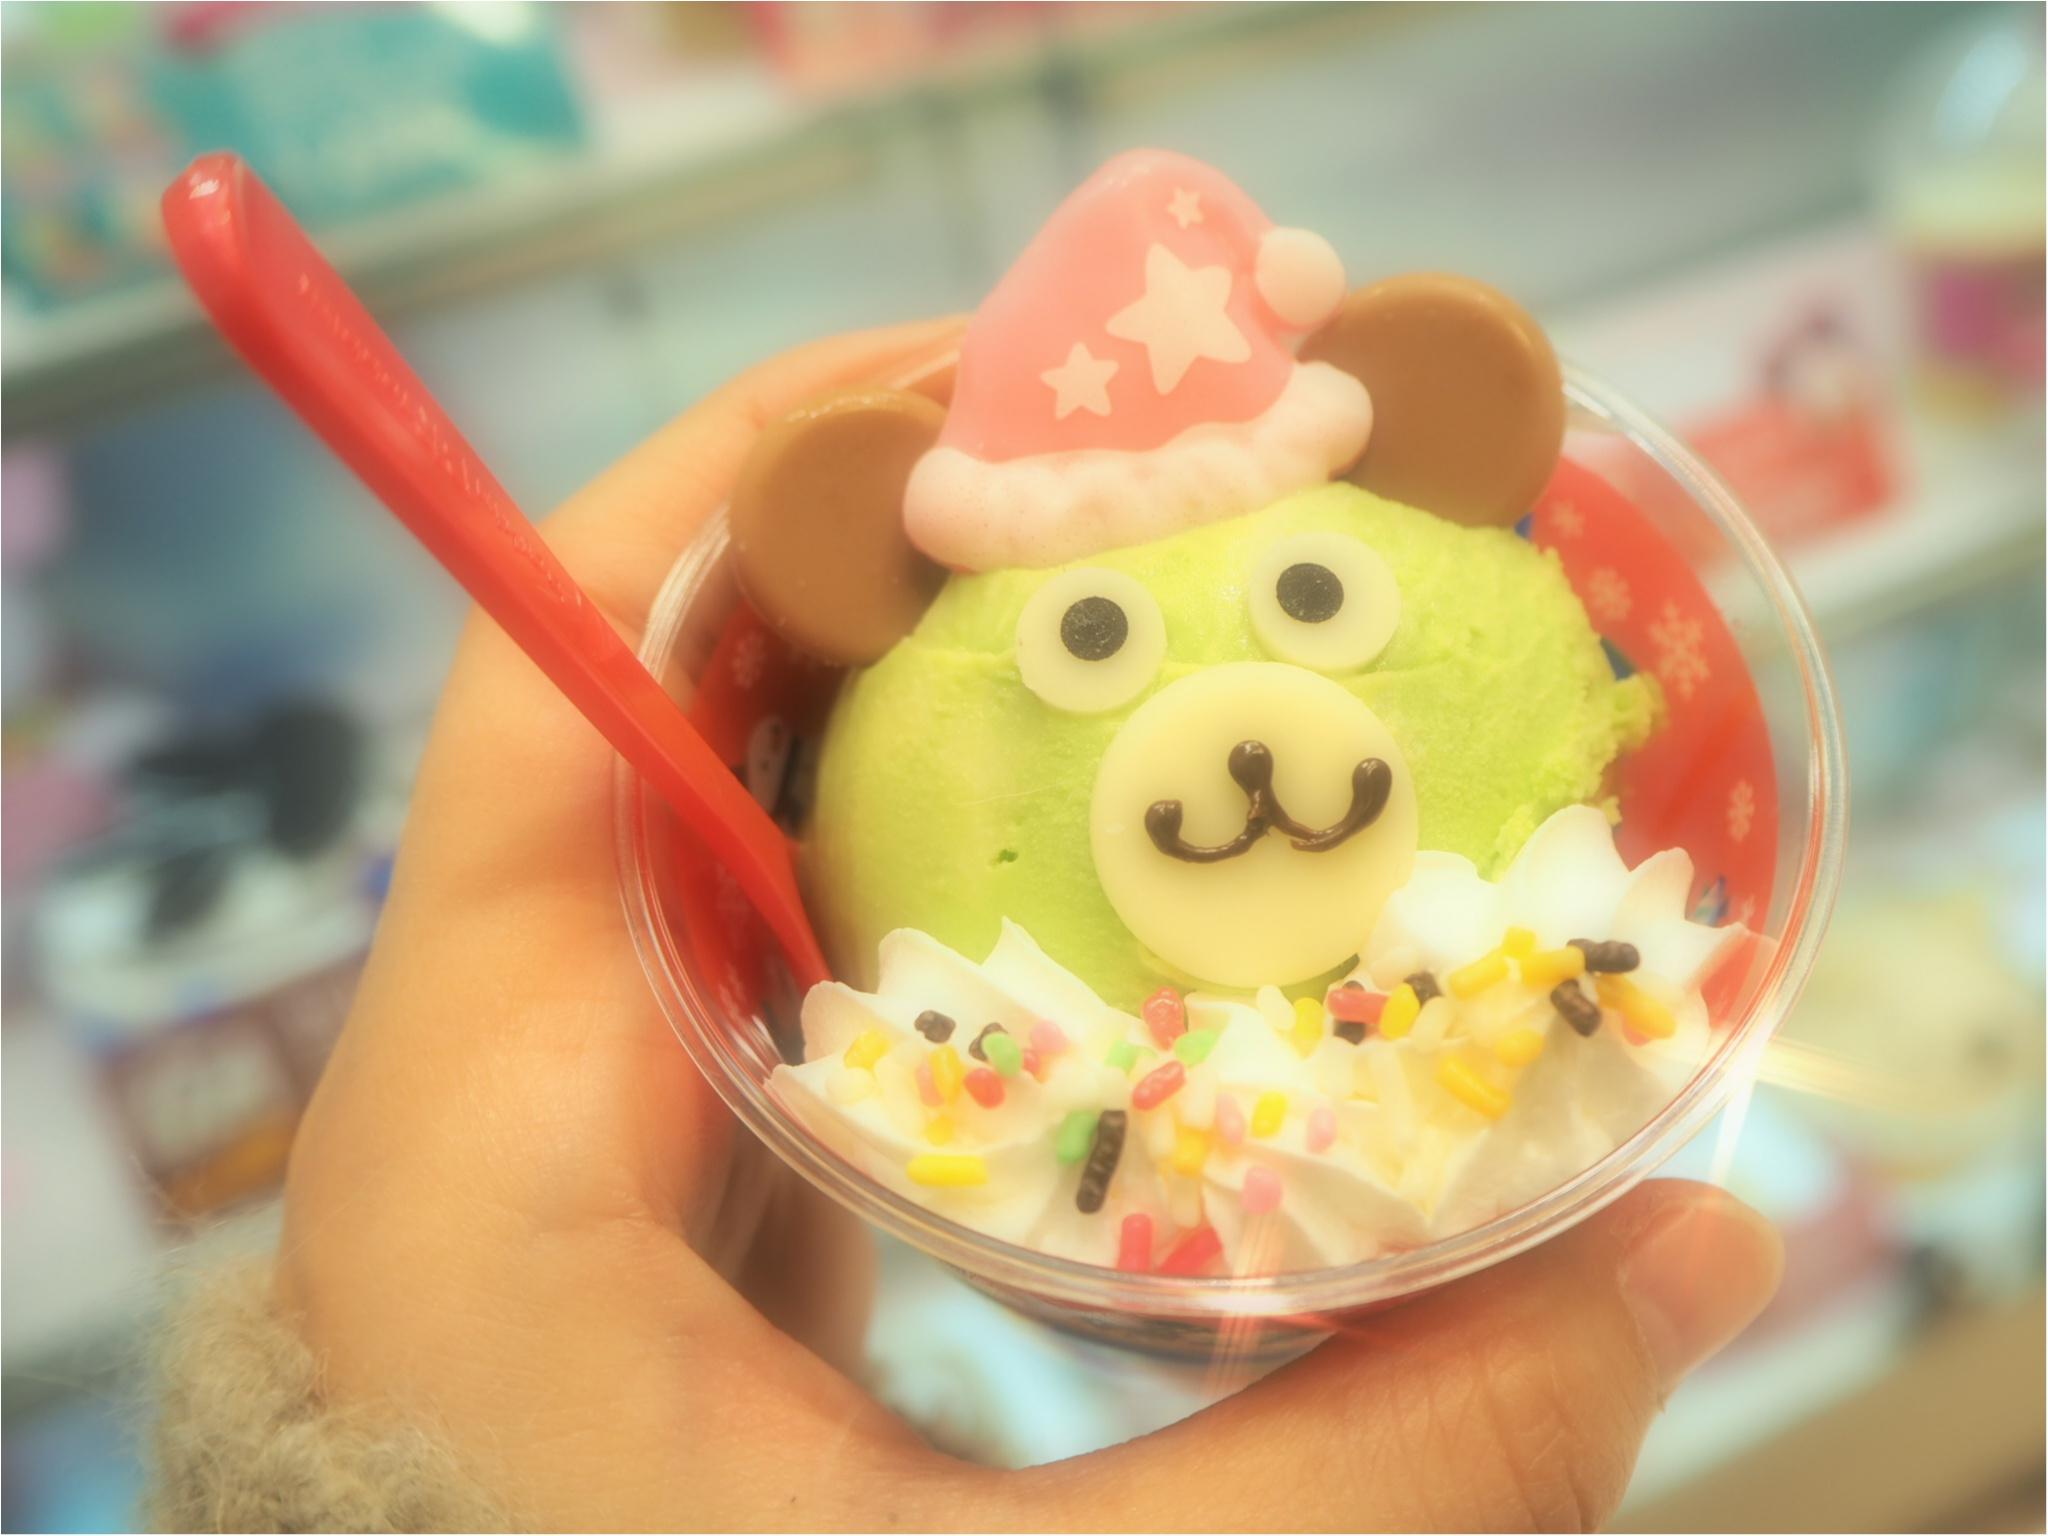 サーティワンアイスクリームから「クリスマス仕様のハッピードール」が登場!好きなアイスを選んで自分らしいオリジナルな1品を・・_3